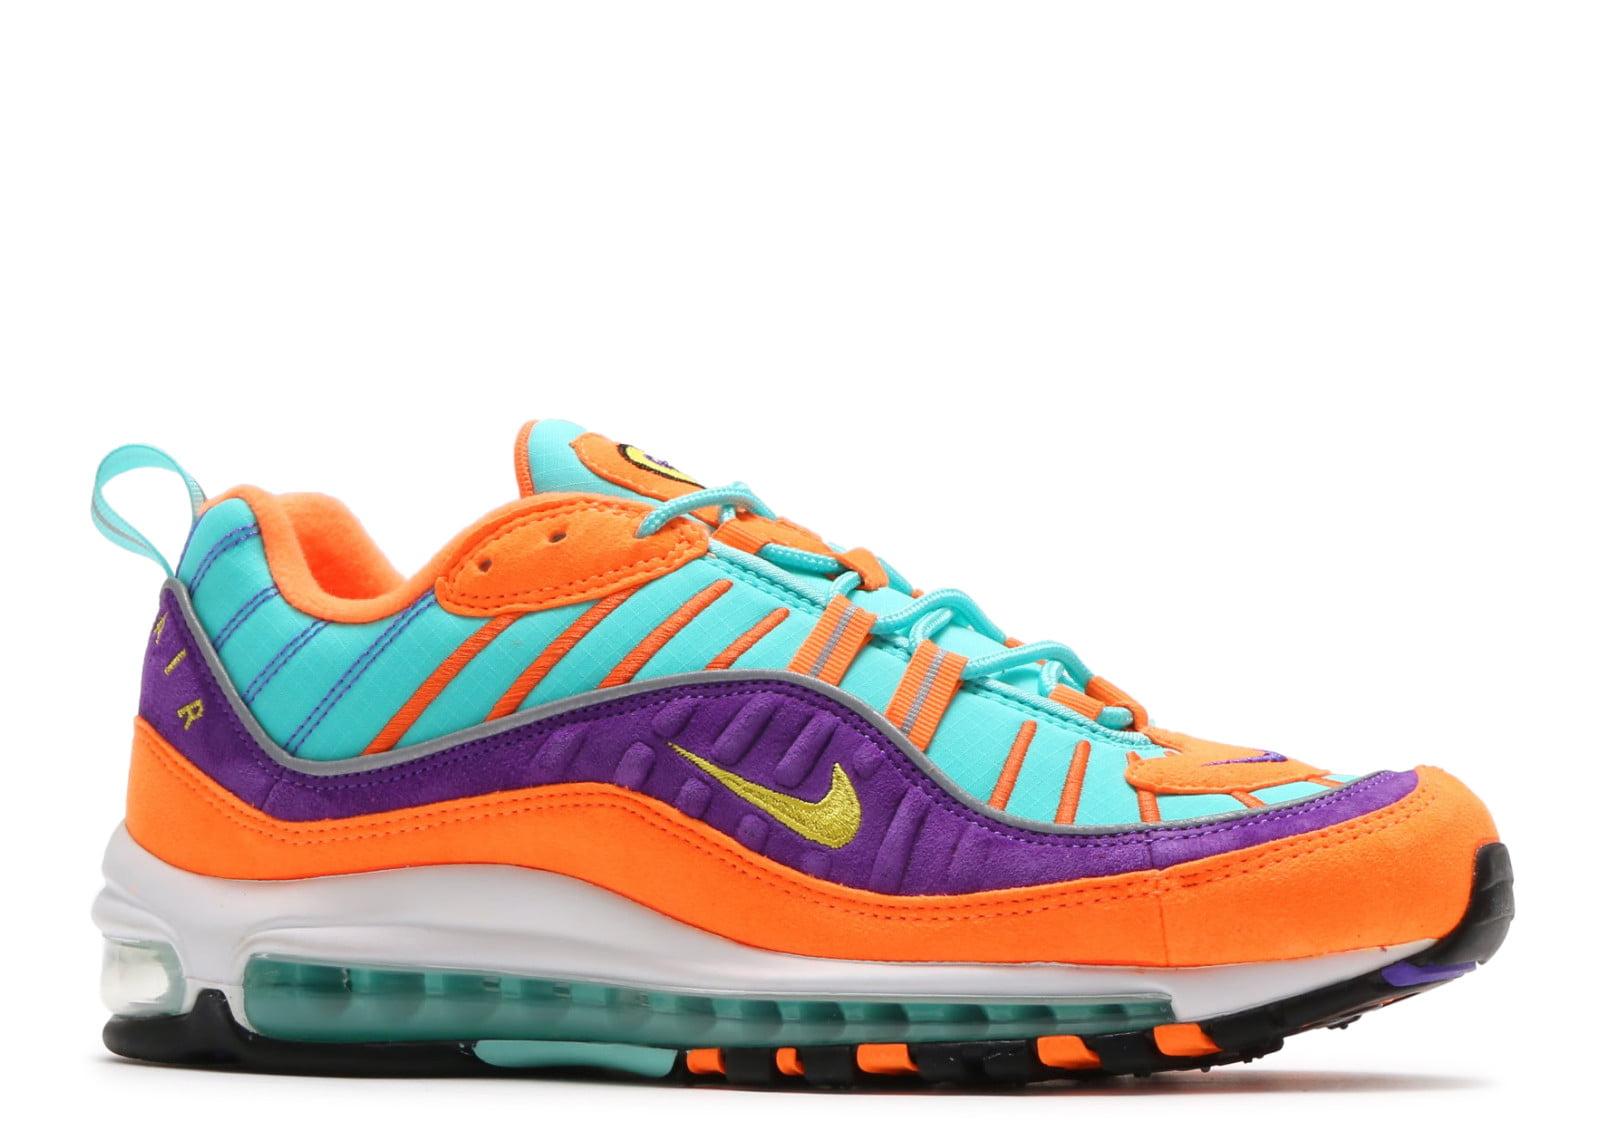 Nike - AIR MAX 98 QS - 924462-800